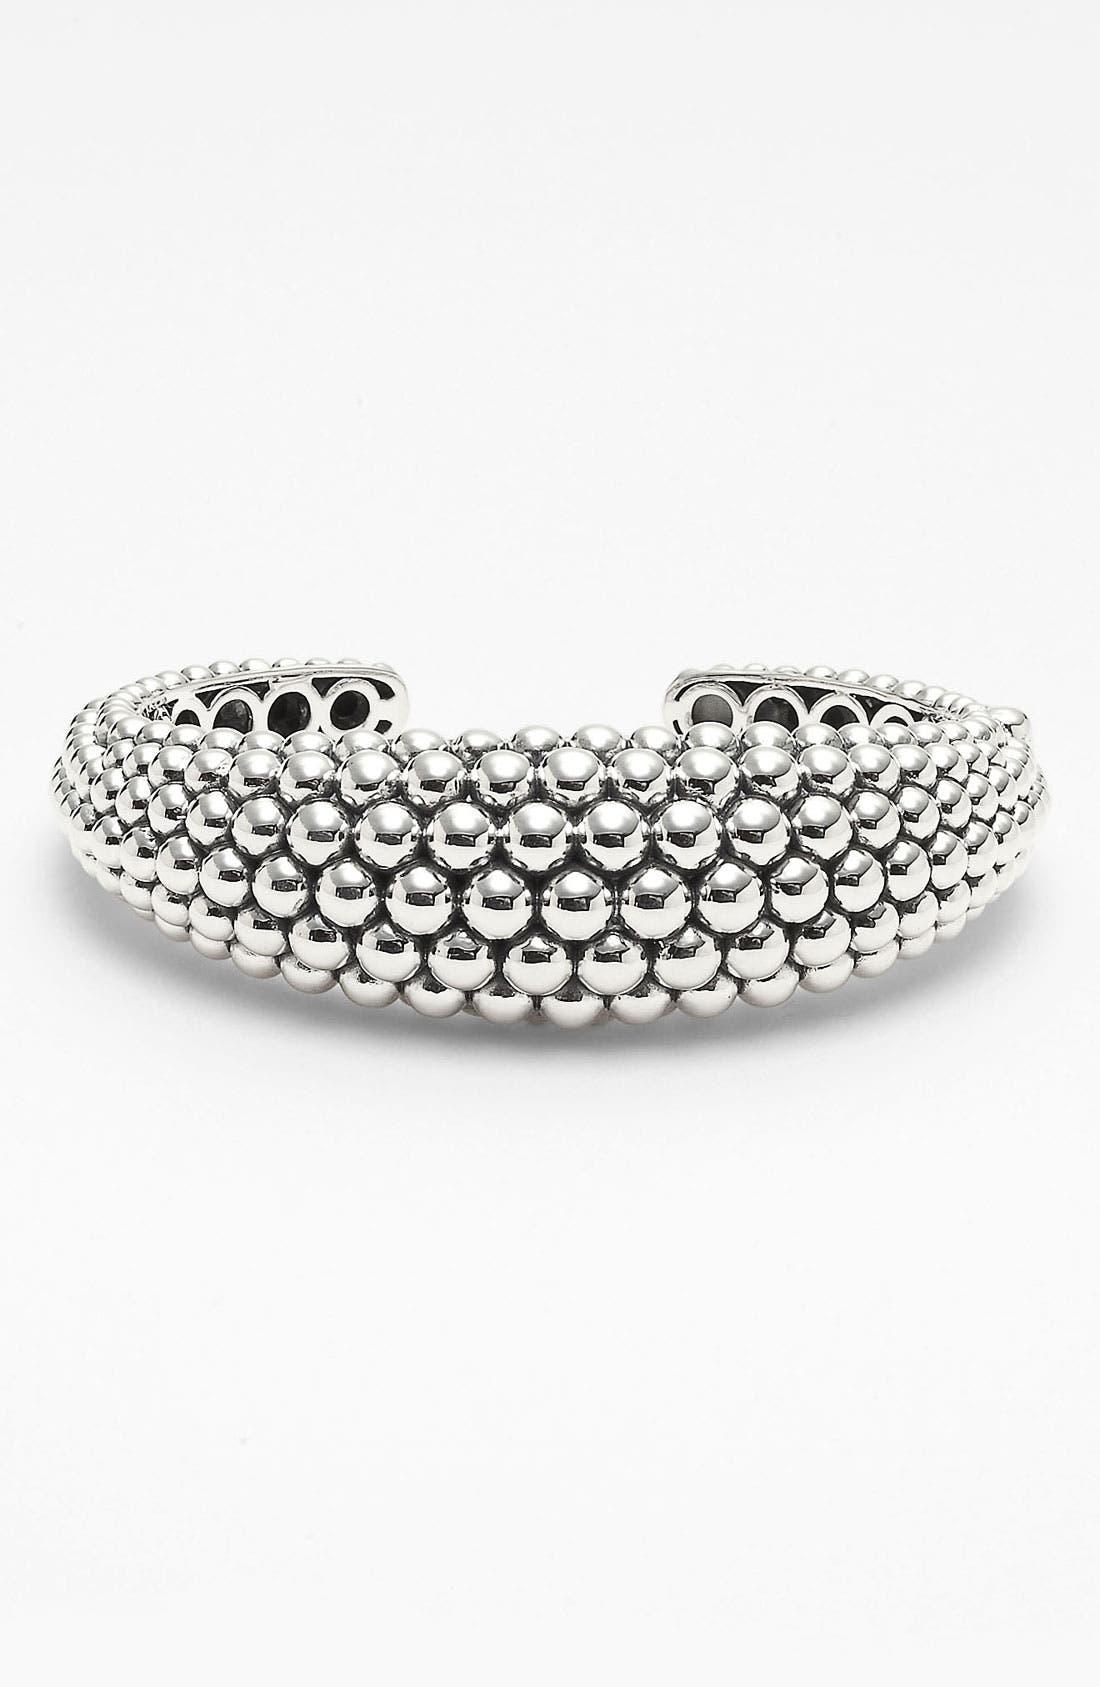 Main Image - LAGOS 'Bold' Caviar Cuff